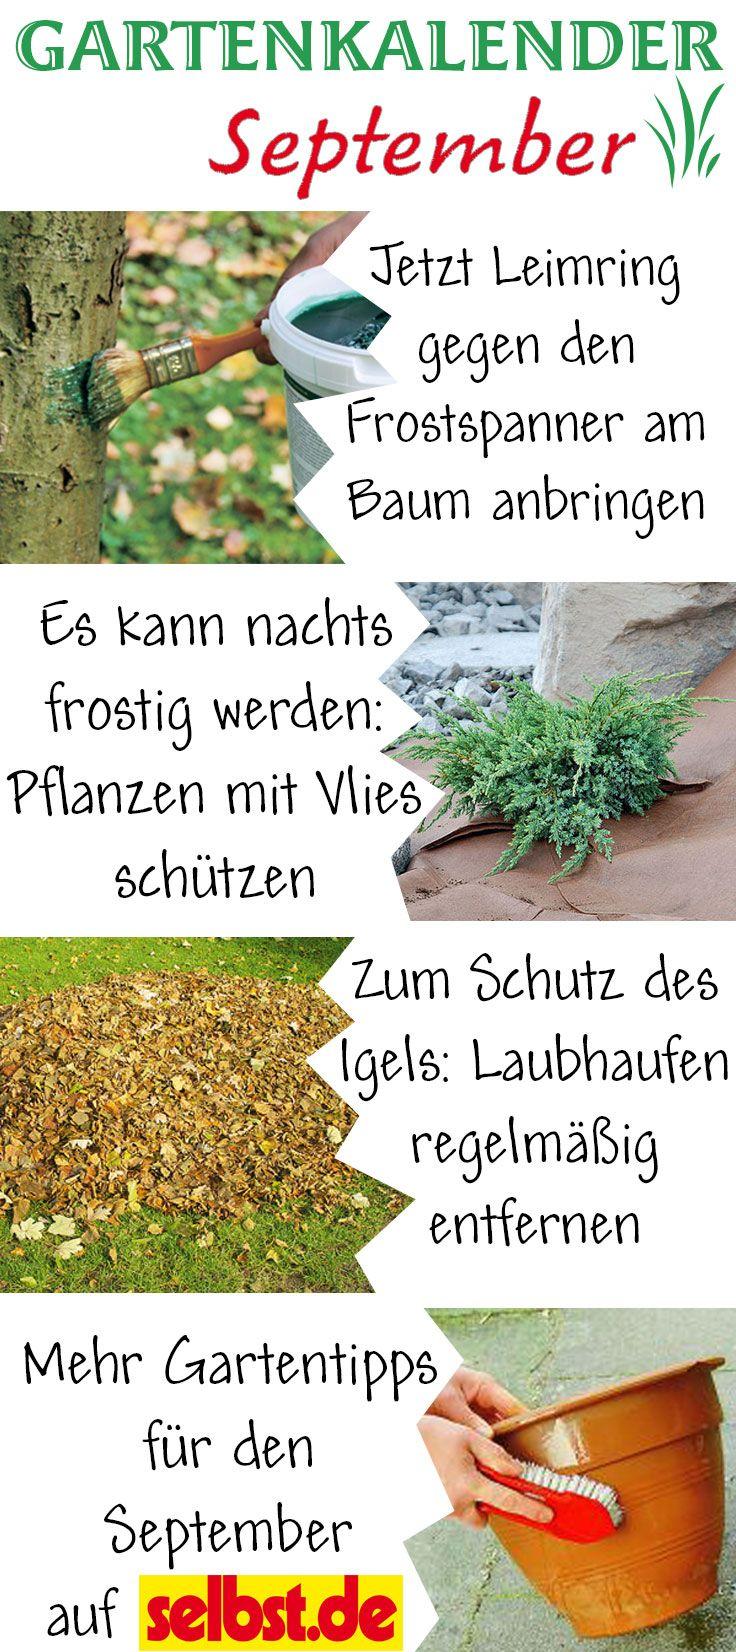 Im september kann es schnell mal frostig werden in der nacht sch tz deine pflanzen mit vlies - Gartenarbeit im september ...